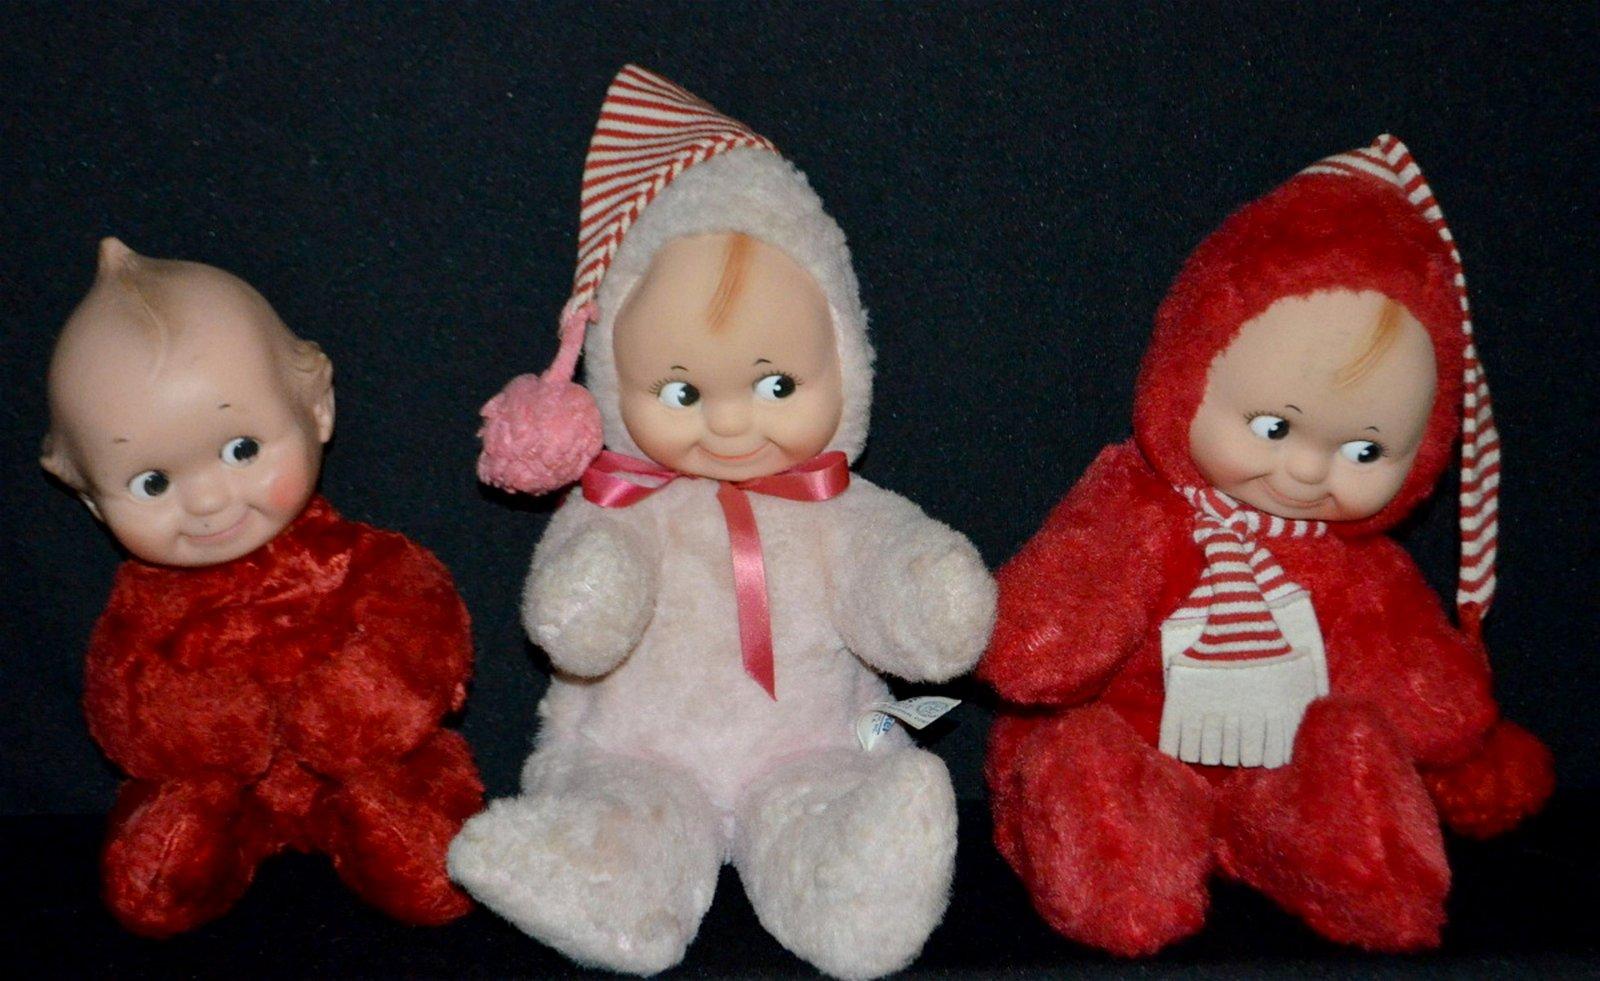 3 Knickerbocker Plush Kewpie Dolls